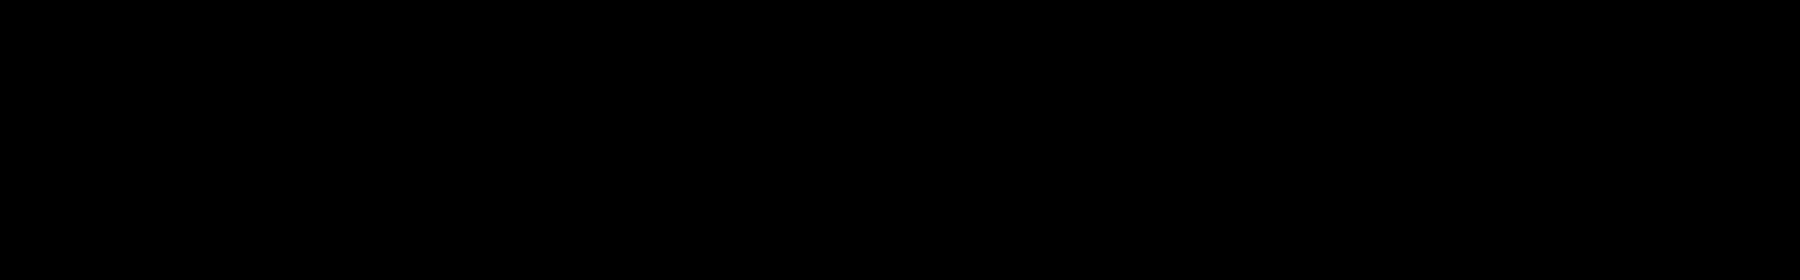 WITCHCRAFT audio waveform